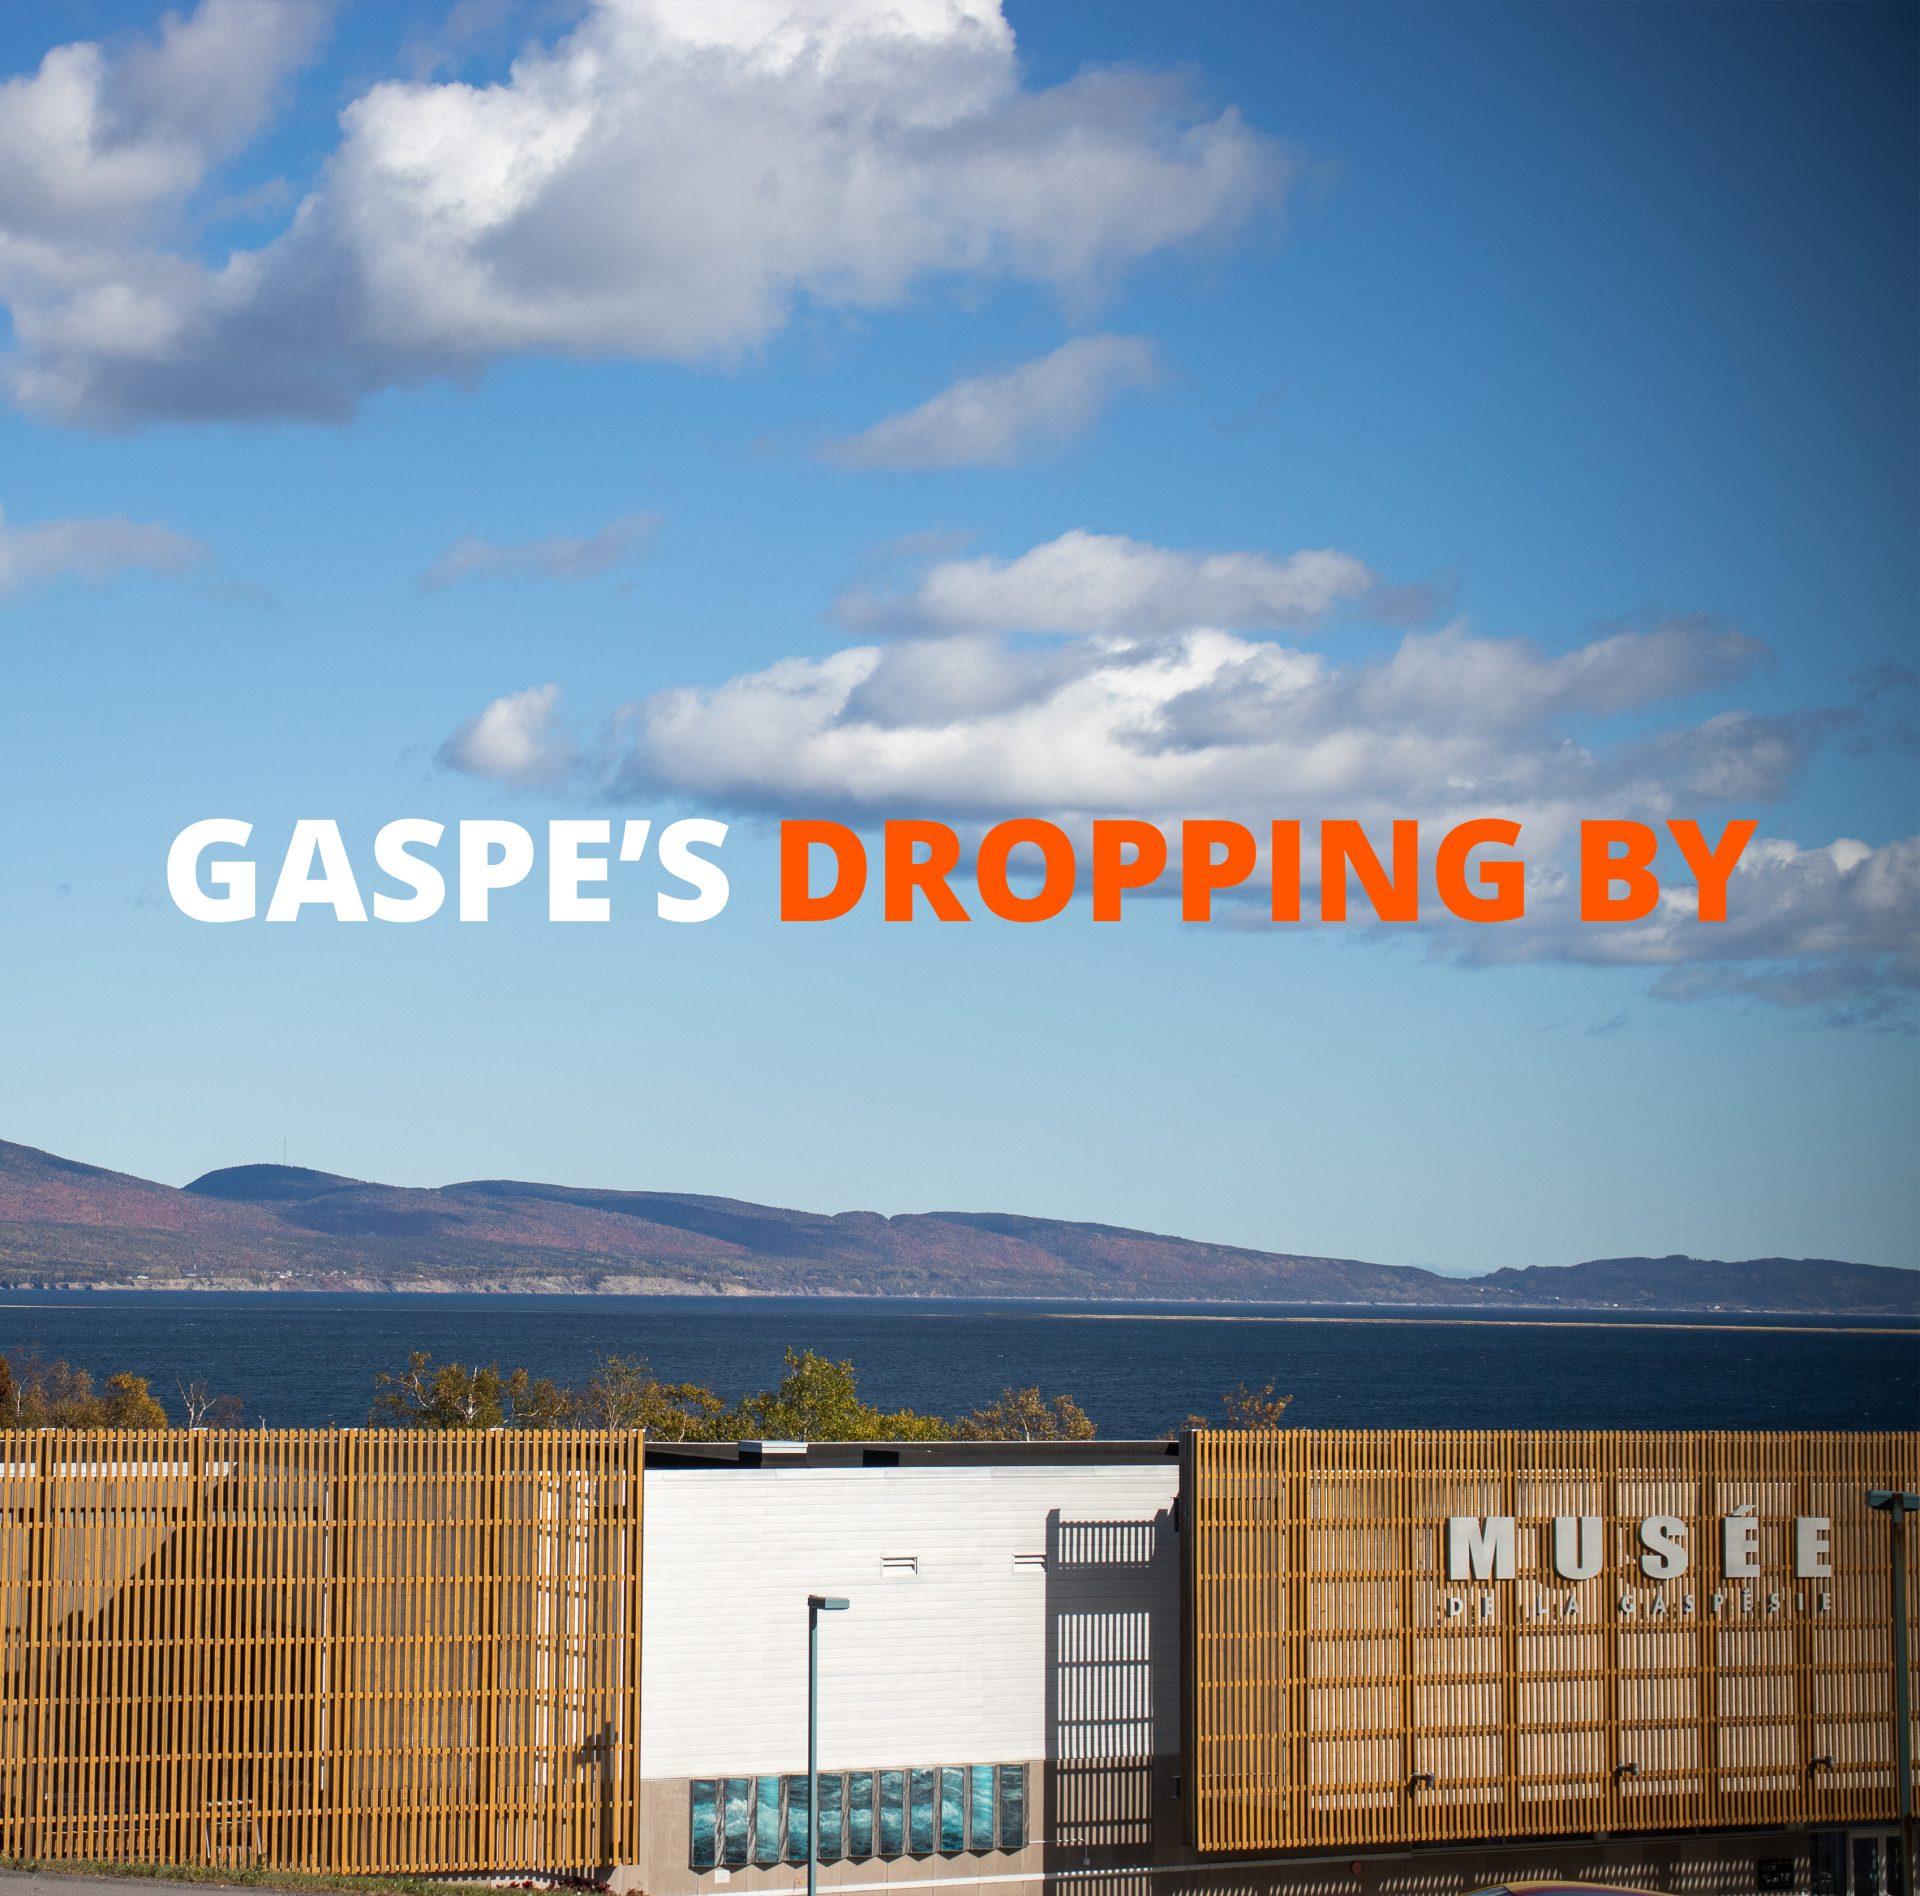 Gaspe's dropping by : Visit the Musée de la Gaspésie